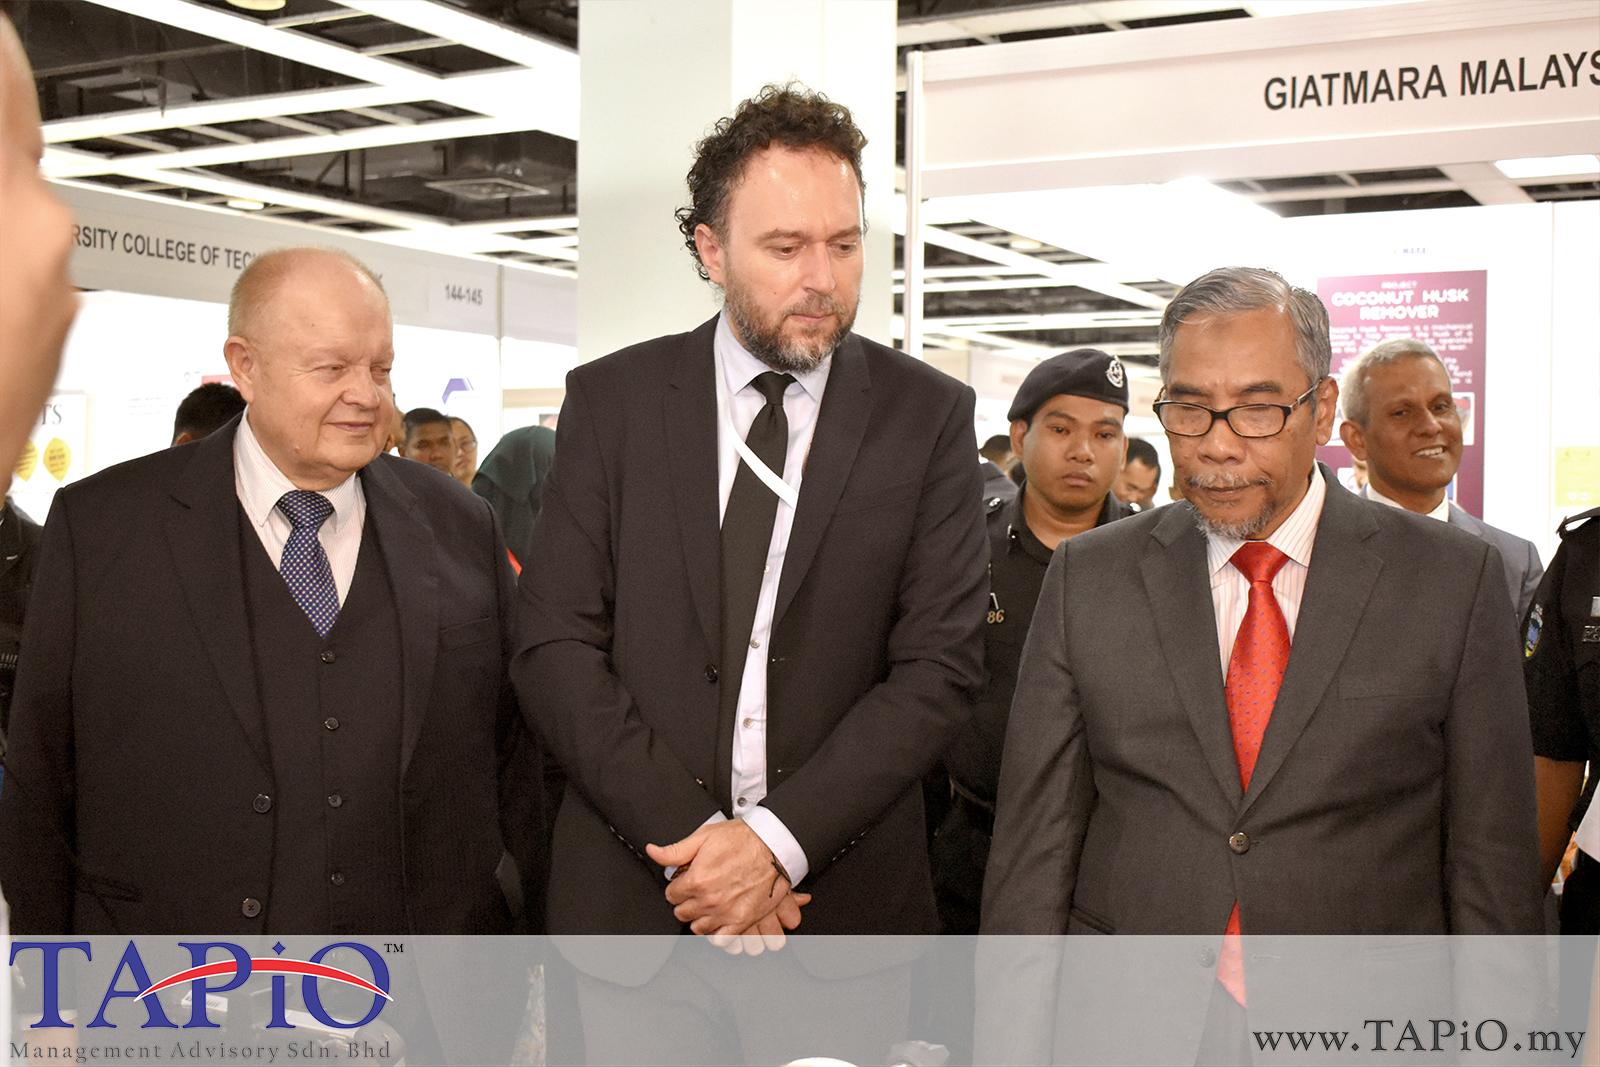 Malaysia Technology Expo - 21/02/2019 (5)